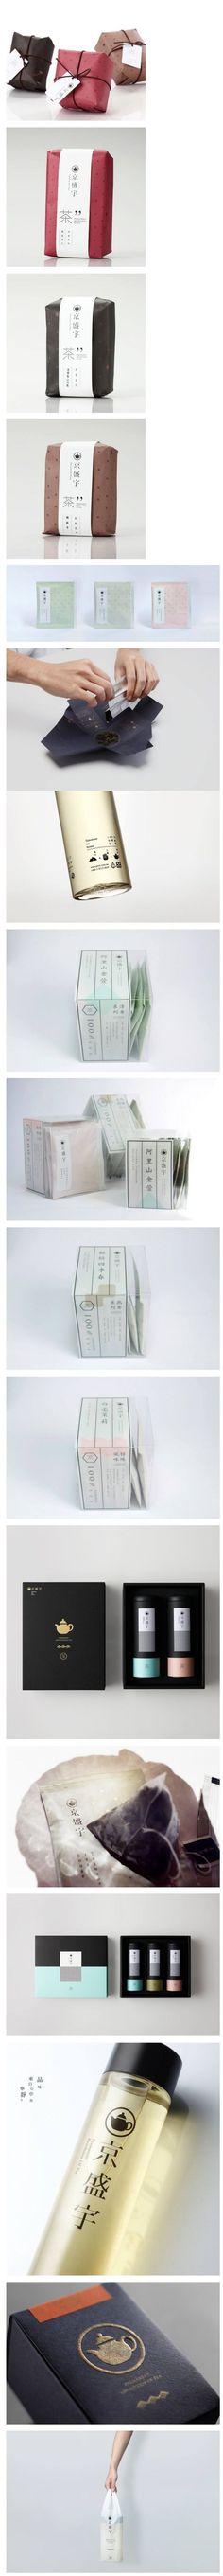 包裝/包裝設計   台灣茶葉包裝台灣茶品牌京盛宇: